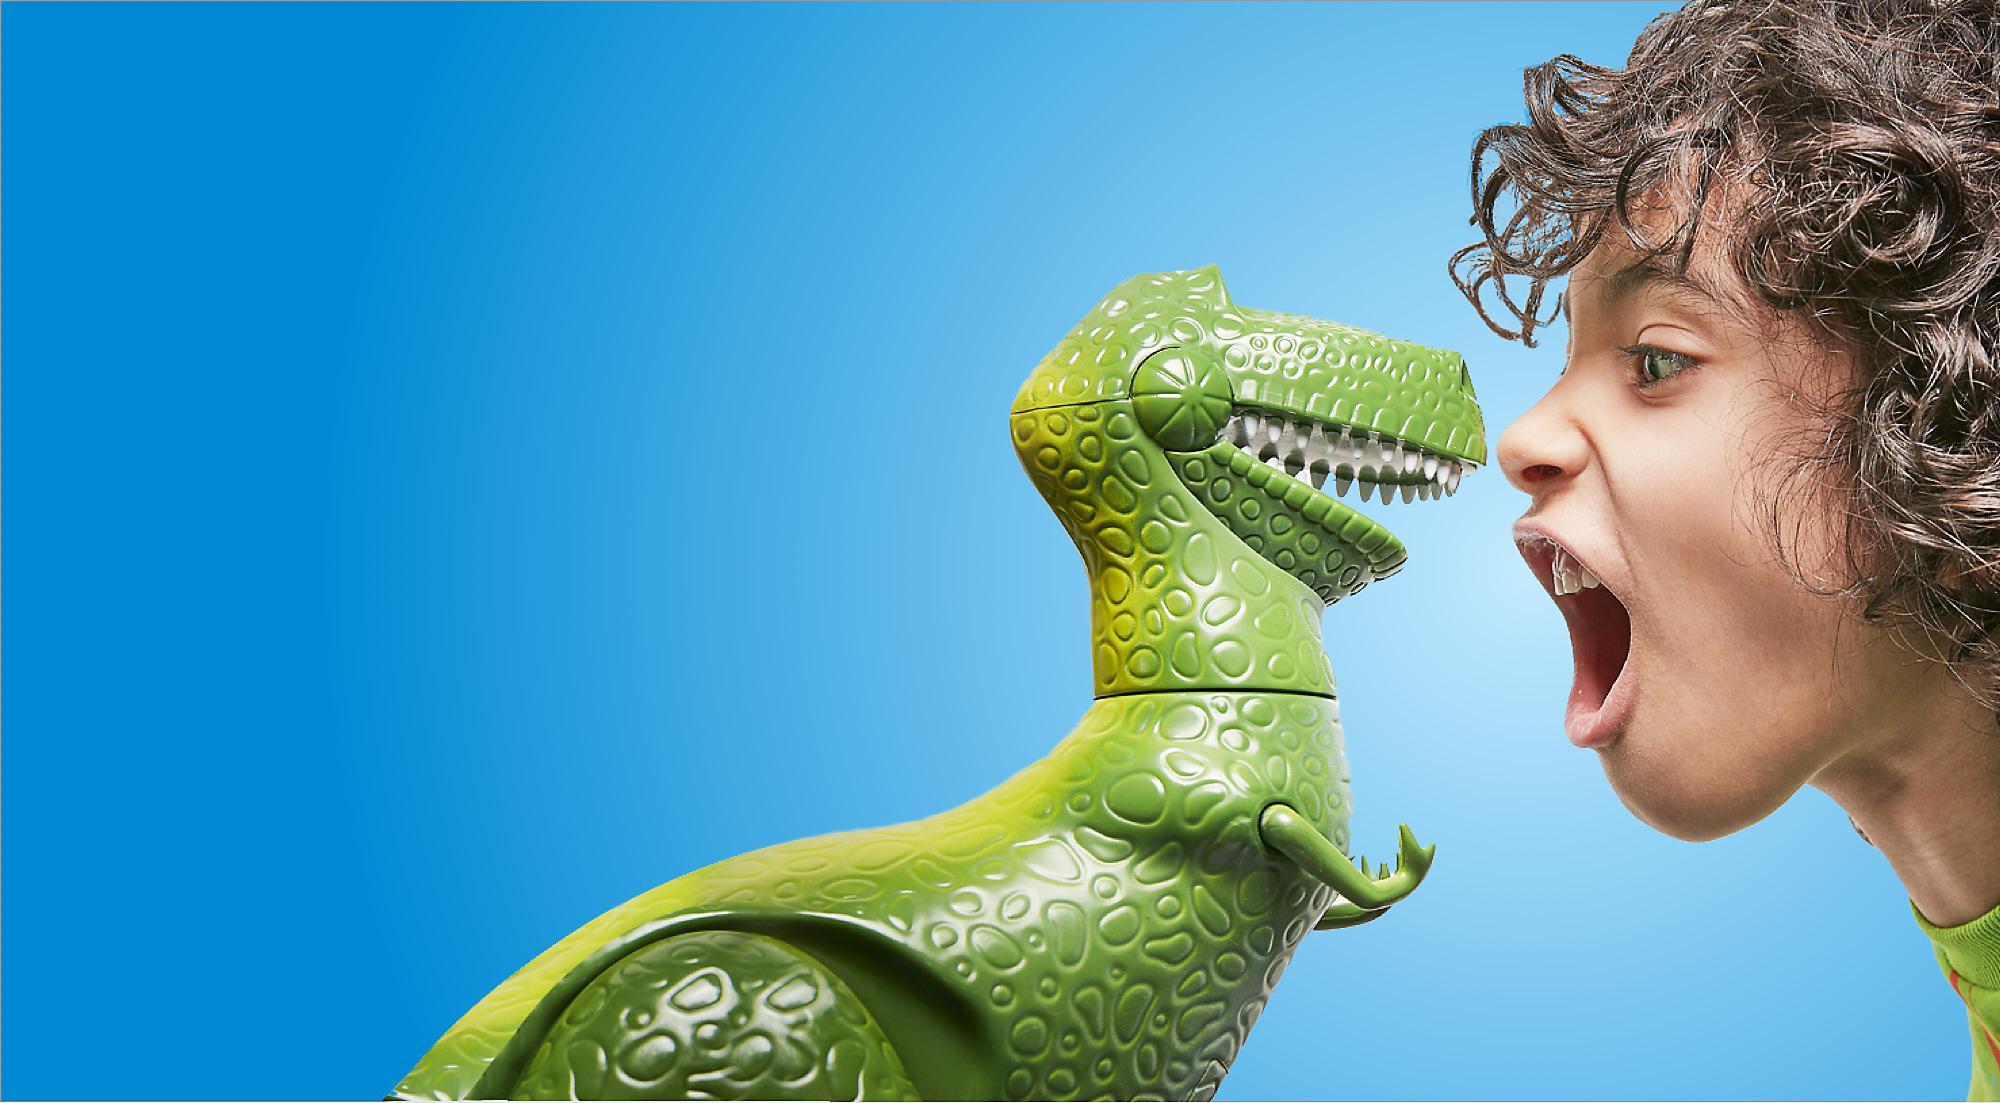 La tienda online oficial de Disney Store y mucho más Sabemos que un regalo Disney es especial, nuestras colecciones de productos han sido cuidadosa y especialmente diseñadas con ese extra de polvo de hadas para llevarte a casa la magia y aventura de nuestras historias.